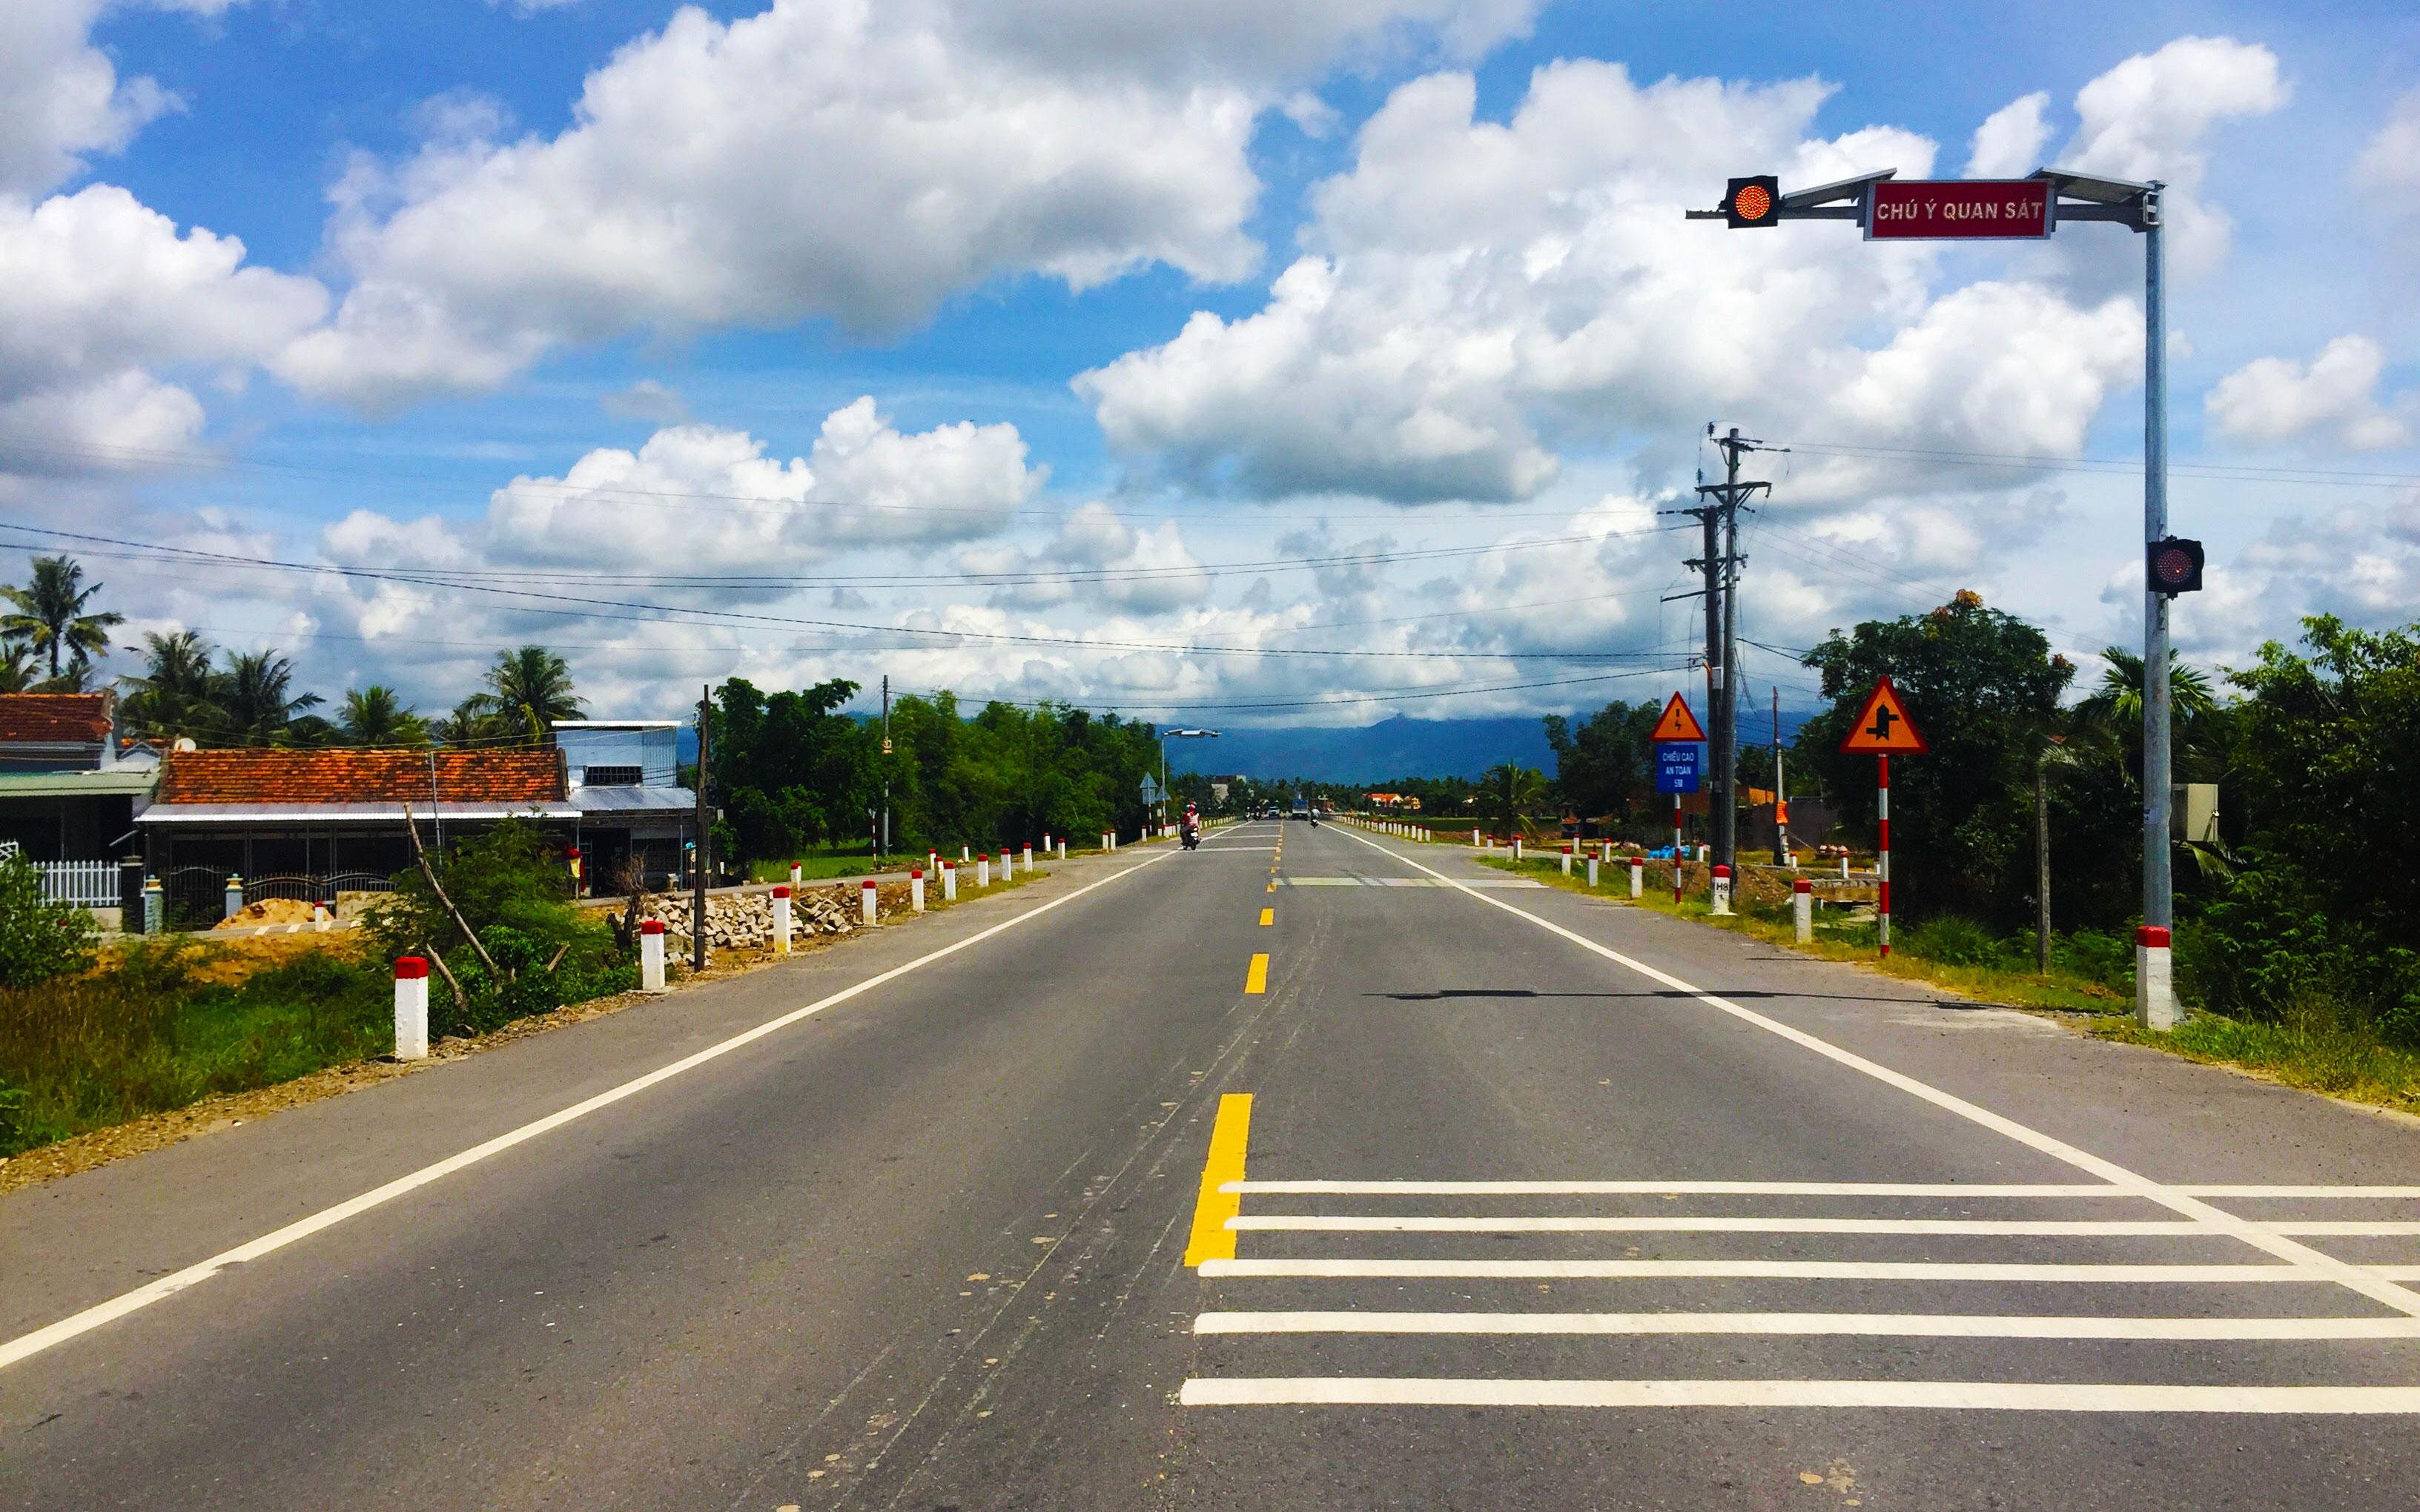 Mở rộng QL1 đoạn Km1374+525 – Km1392 và Km1405 – Km1425, tỉnh Khánh Hòa